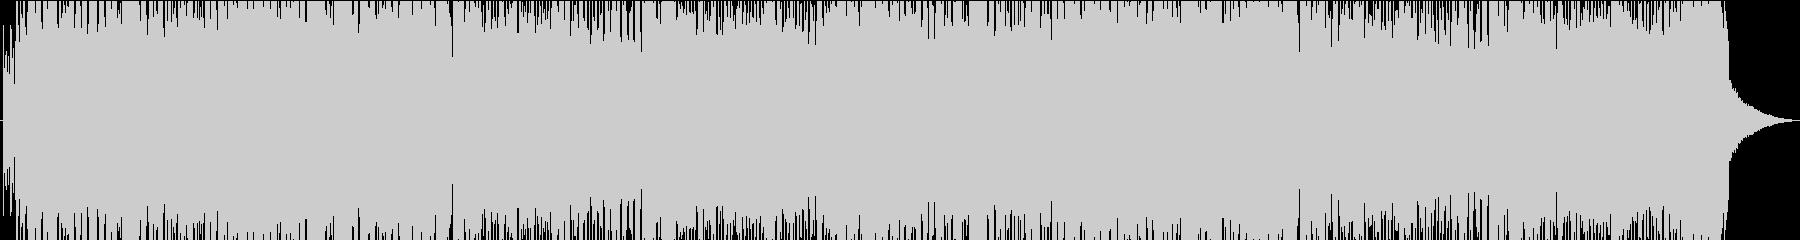 完全なるゴリラ譜面(音ゲー)の未再生の波形